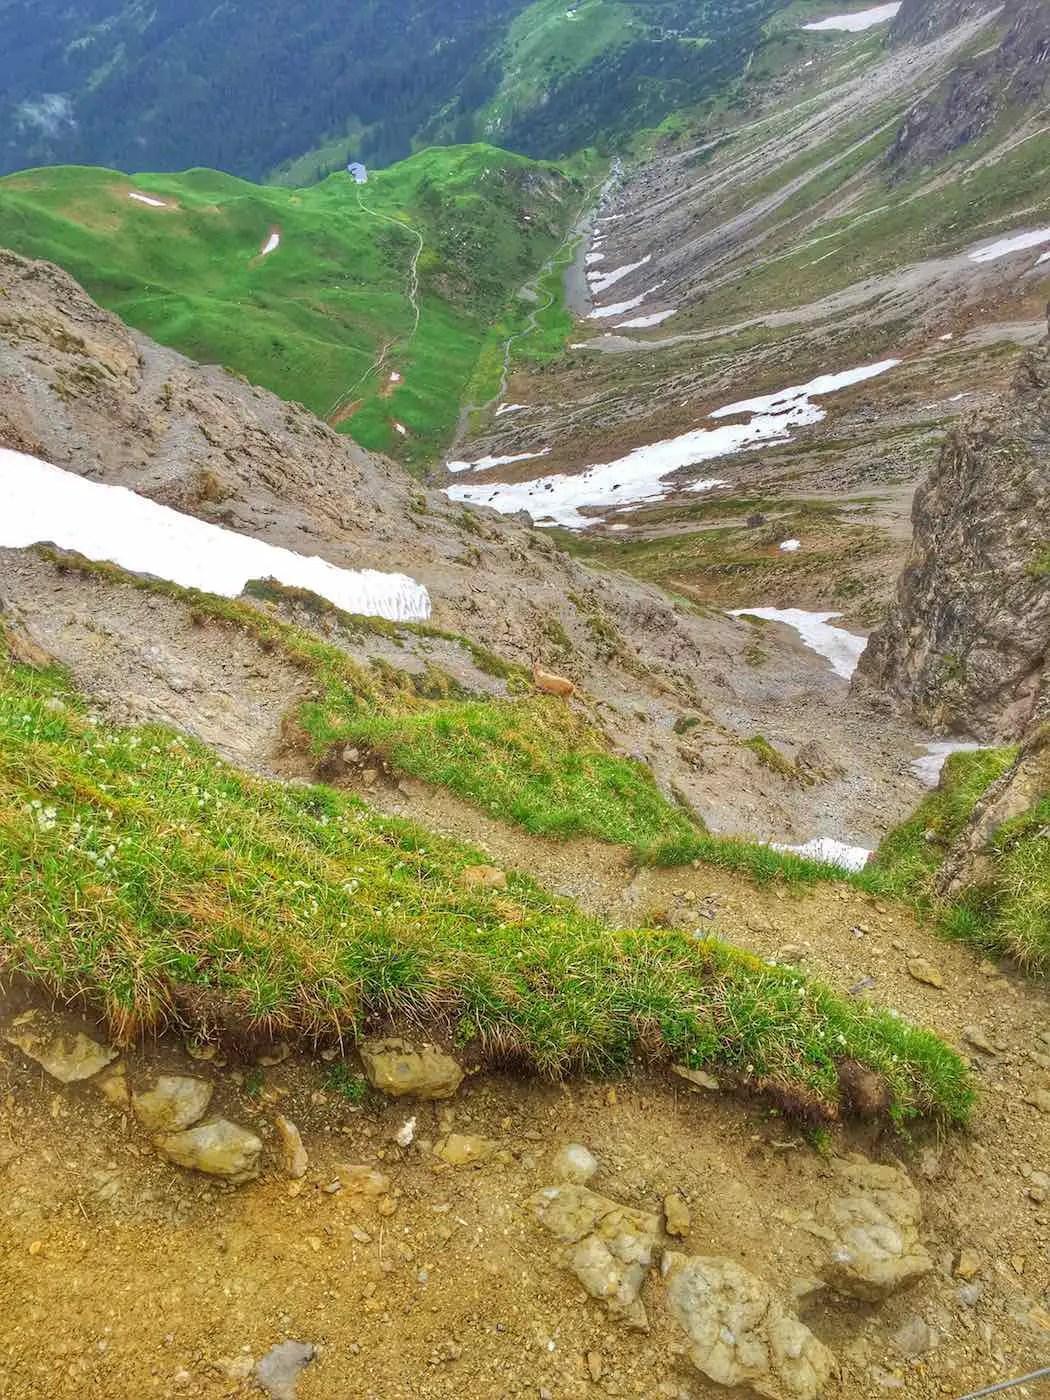 Steinbock auf dem Weg ins Wildental